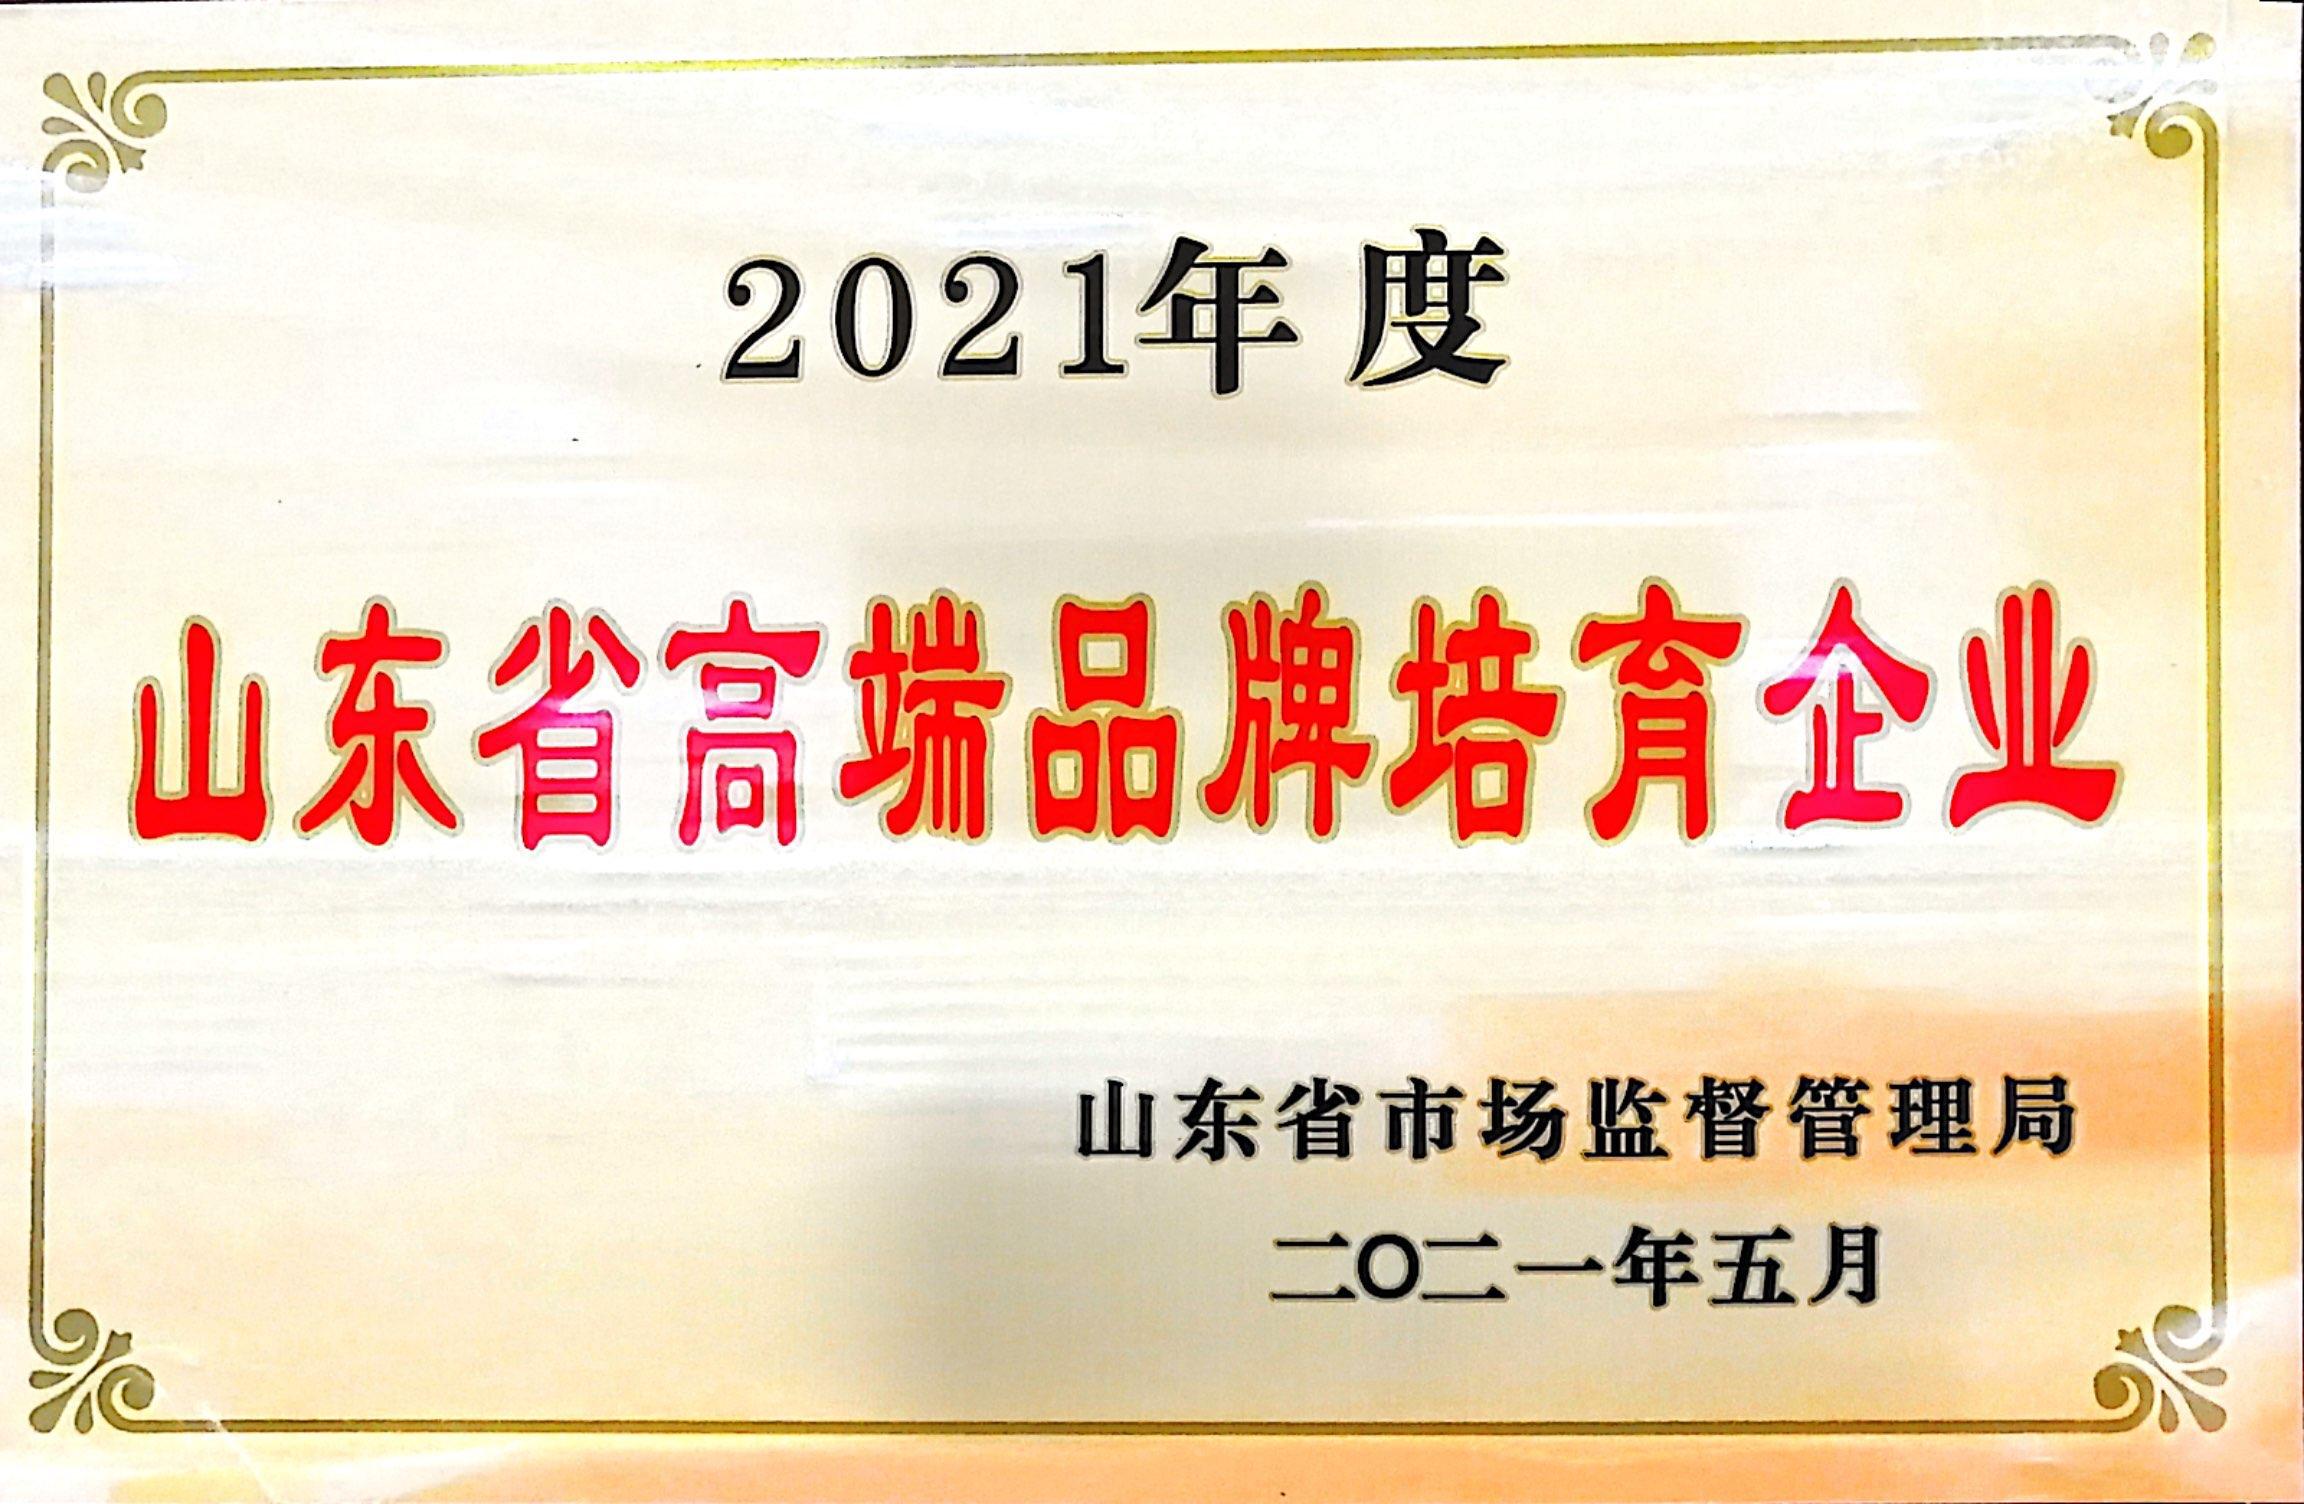 高端制造业培育企业(2021).jpg